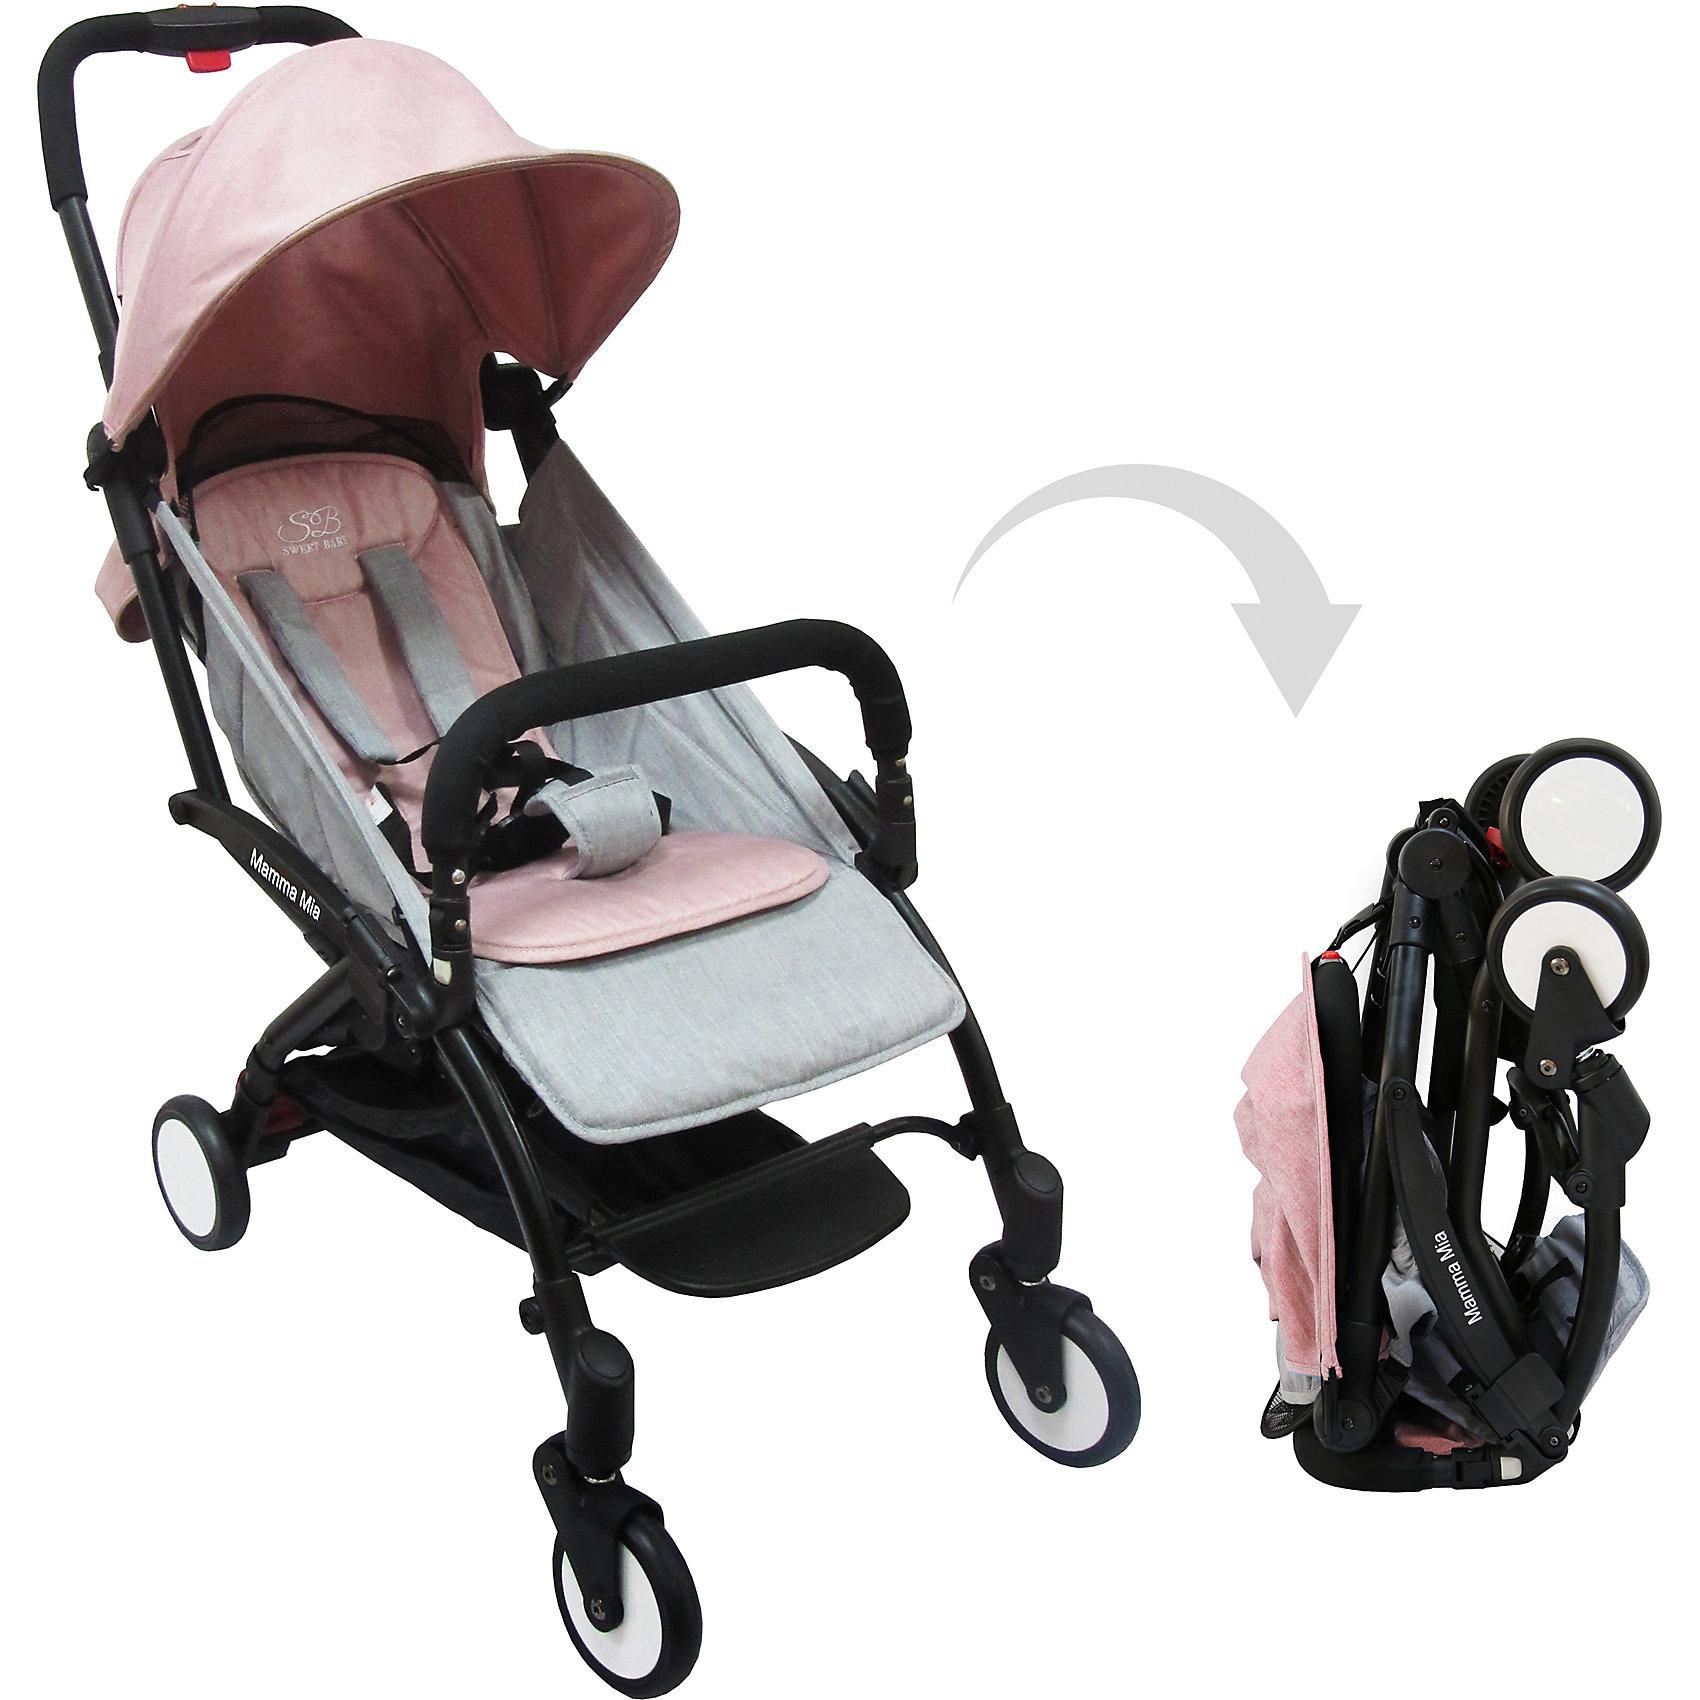 Прогулочная коляска Sweet Baby Mamma Mia Linen Bahamas, серо-розоваяПрогулочные коляски<br>Характеристики товара:<br><br>• цвет: Linen Bahamas, серо-розовый<br>• алюминиевая рама.<br>• регулируемая ремешком спинка коляски, угол наклона 165 градусов<br>• на сиденье со спинкой находится съемный матрасик с прорезями для ремней<br>• защитный съемный бампер перед ребенком<br>• пластиковая подножка для подросшего ребенка<br>• капюшон со смотровым окошком<br>• цельная ручка коляски с накладкой<br>• полиуретановые колеса<br>• передние поворотные (без блокировки)<br>• пружинная амортизация на передних колесах<br>• тип тормоза: ножной, на одном из задних колес<br>• механизм складывания: книжка<br>• коляска складывается одной рукой вместе с прогулочным блоком<br>• имеется ремень для переноски коляски на плече<br><br>Размер коляски: 67х45х103 см<br>Размер коляски в сложенном виде: 20х43х57 см<br>Вес коляски: 5,8 кг<br>Размер упаковки: 95х46х97 см<br>Вес в упаковке: 7,7 кг<br><br>Прогулочная коляска Mamma Mia бренда Sweet Baby имеет небольшой вес и компактный размер, что идеально для родителей, путешествующих с ребенком. В сложенном виде она очень компактна и без труда влезет в багажник или на полку самолета.<br><br>Прогулочную коляску Mamma Mia Linen Bahamas, Sweet Baby, цвет серо-розовый можно купить в нашем интернет-магазине.<br><br>Ширина мм: 950<br>Глубина мм: 460<br>Высота мм: 970<br>Вес г: 7770<br>Цвет: светло-розовый<br>Возраст от месяцев: 0<br>Возраст до месяцев: 36<br>Пол: Унисекс<br>Возраст: Детский<br>SKU: 5614396